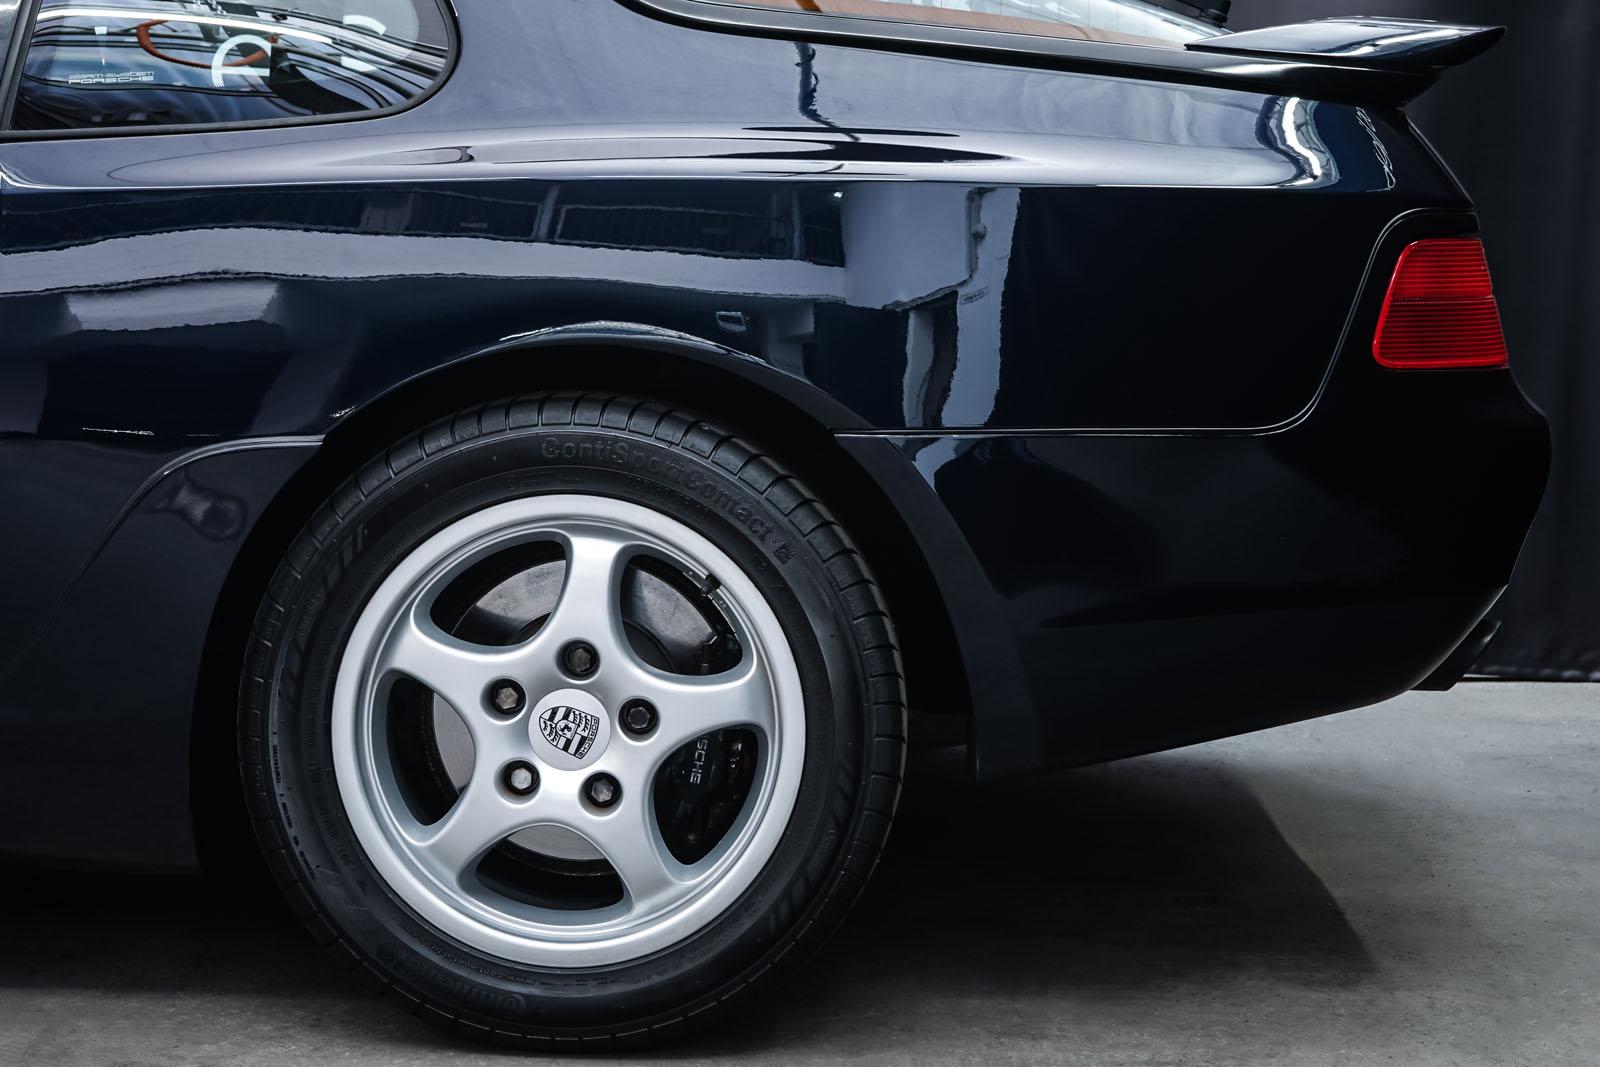 Porsche_968_Blau_Blau_POR-1736_4_w